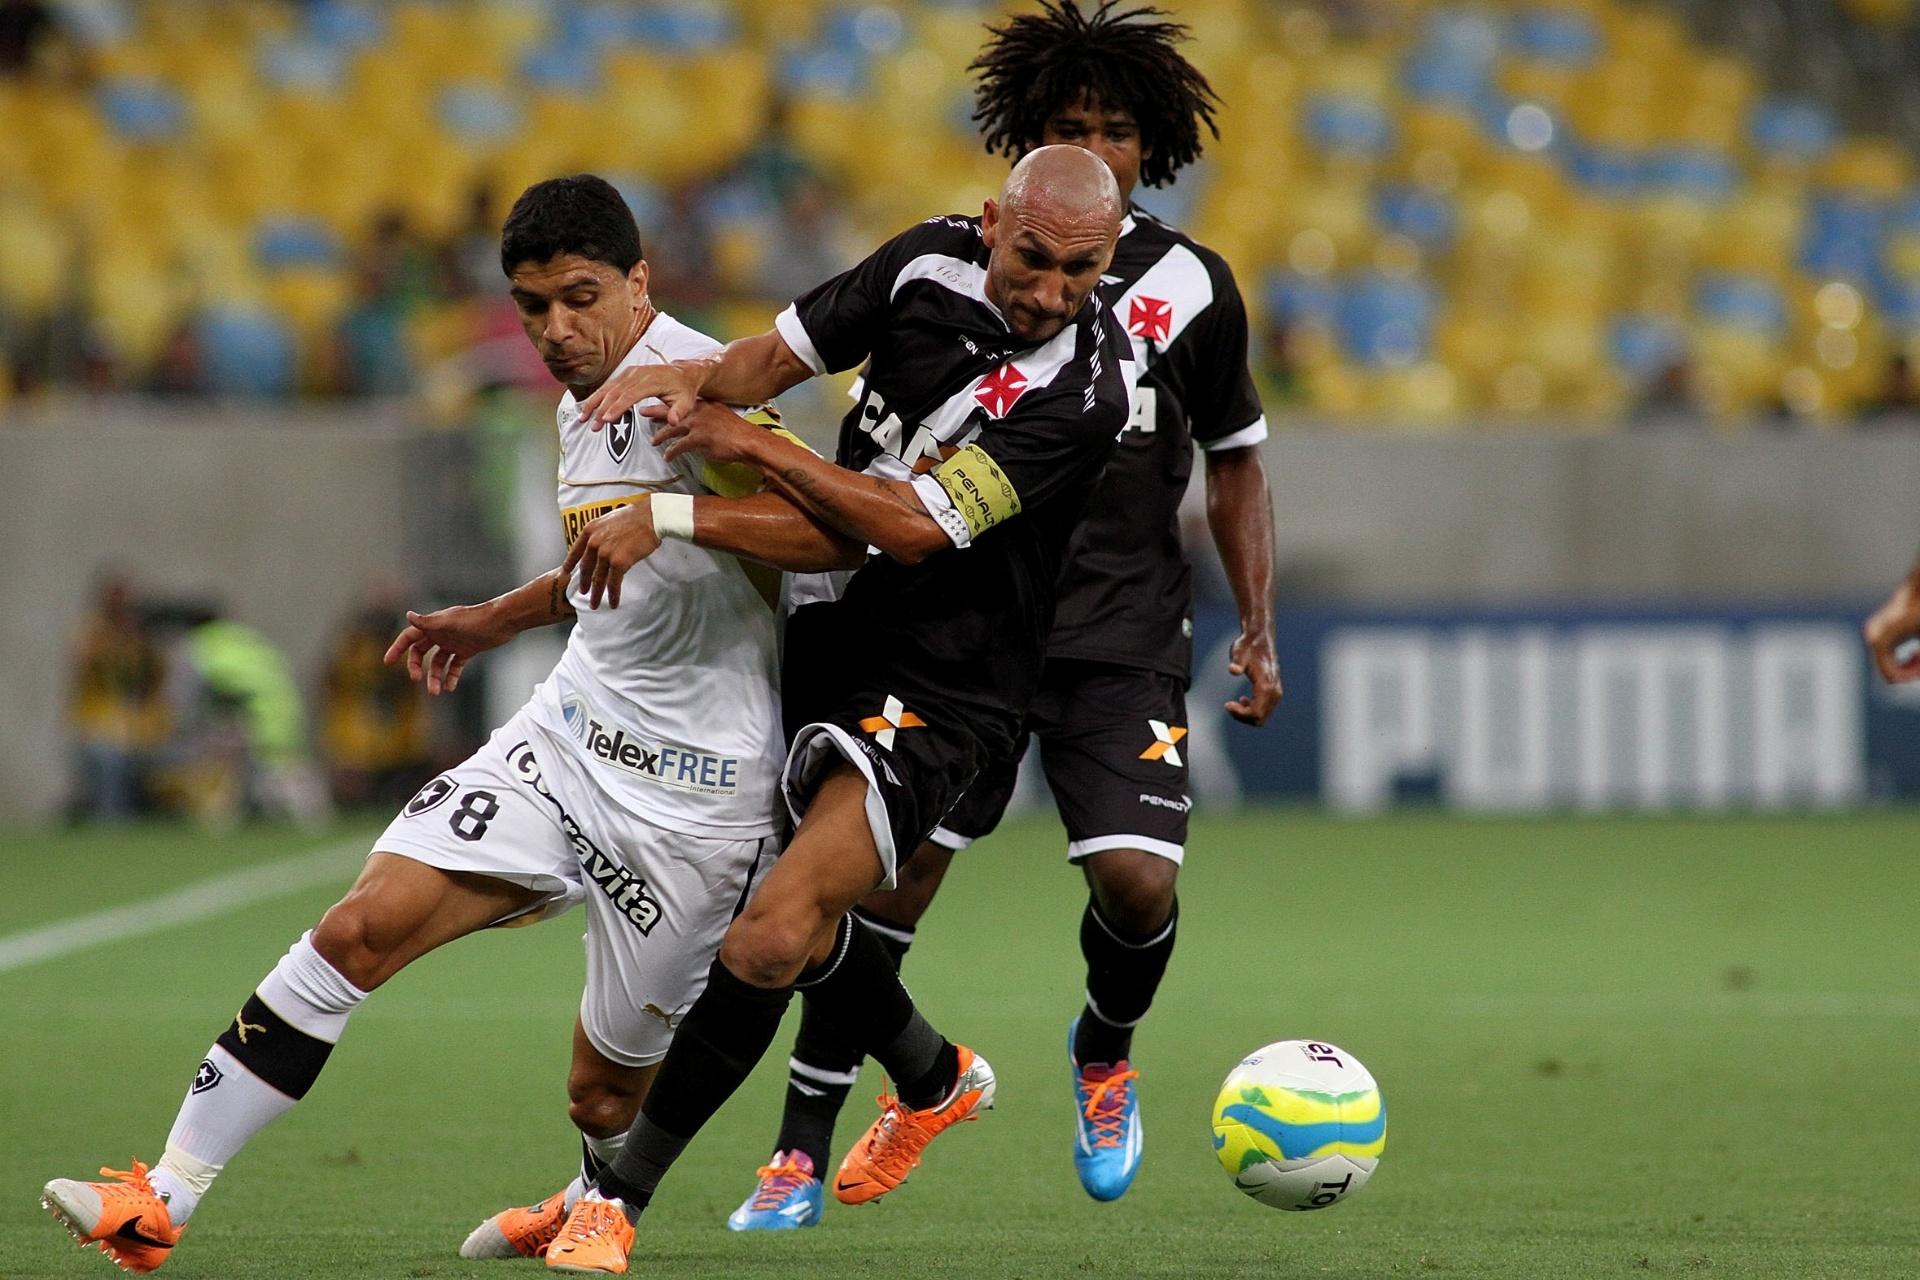 02.fev.2014 - Argentino Guiñazú, do Vasco, disputa bola com meia Renato, do Botafogo, em clássico pelo Carioca